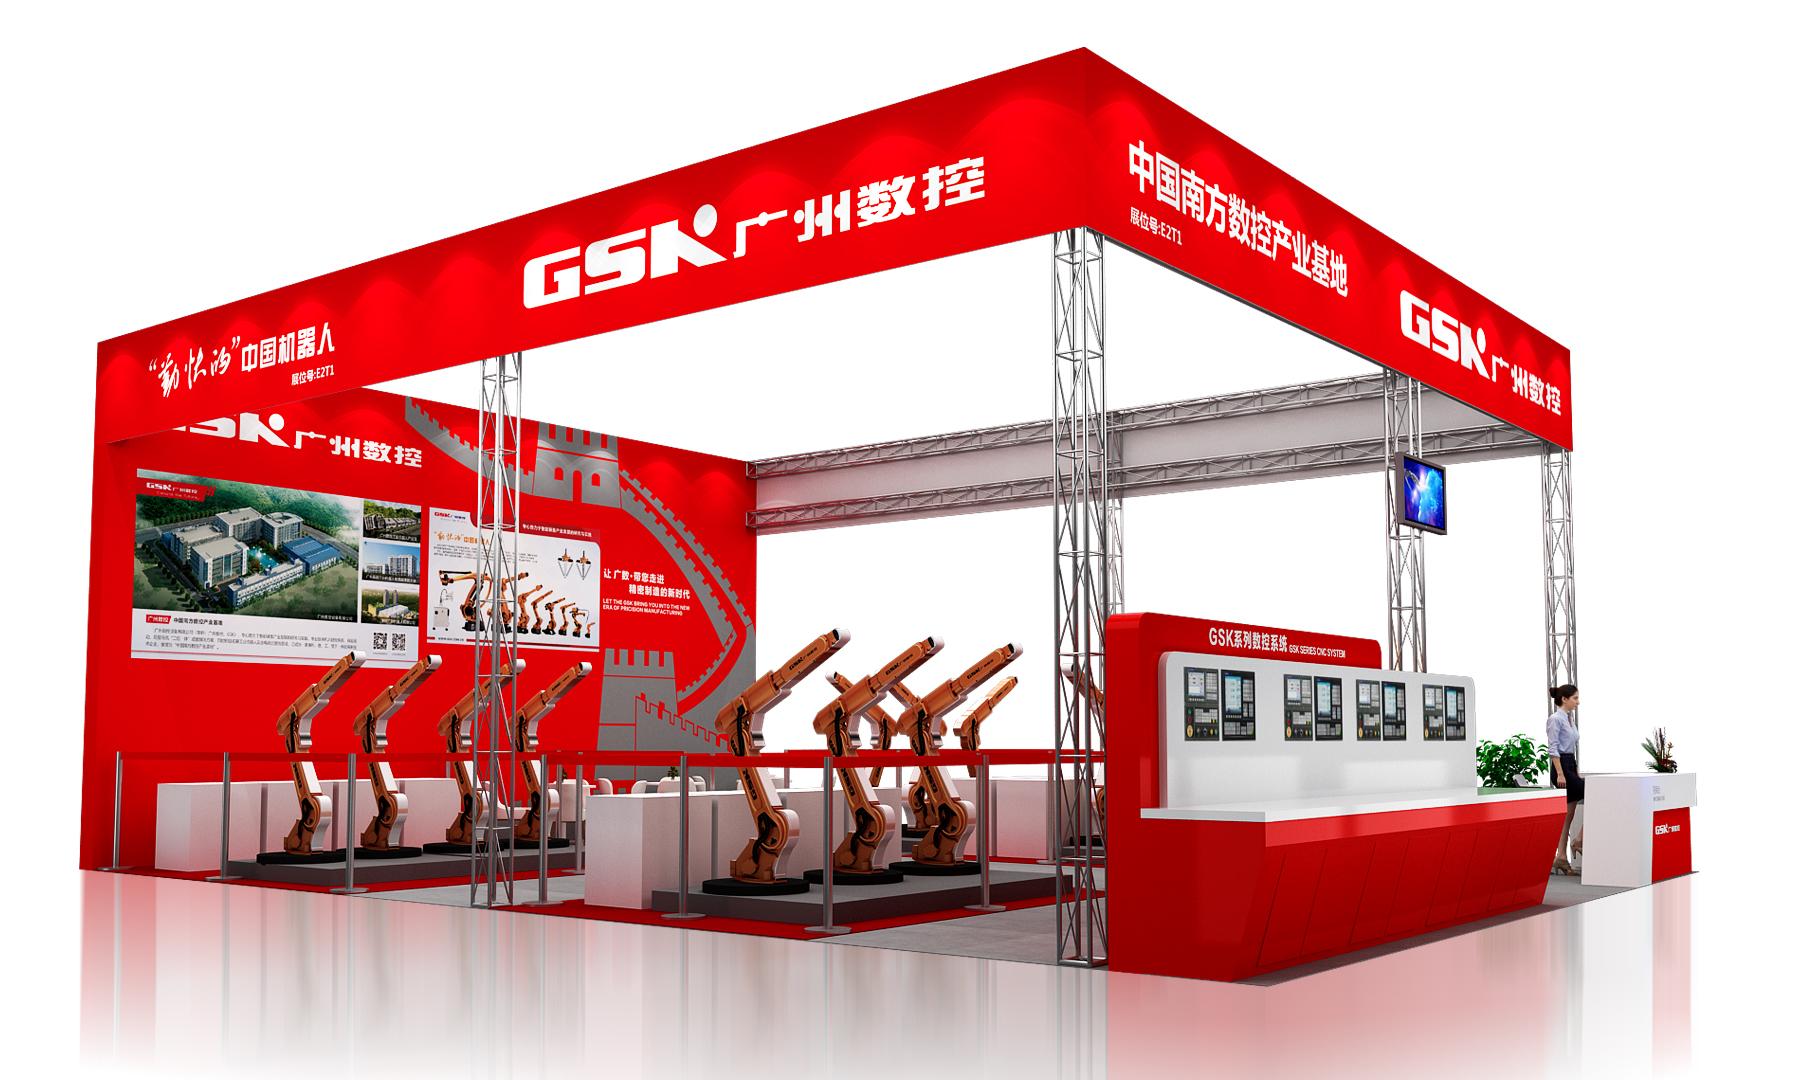 广州数控展台搭建效果图之侧面图2